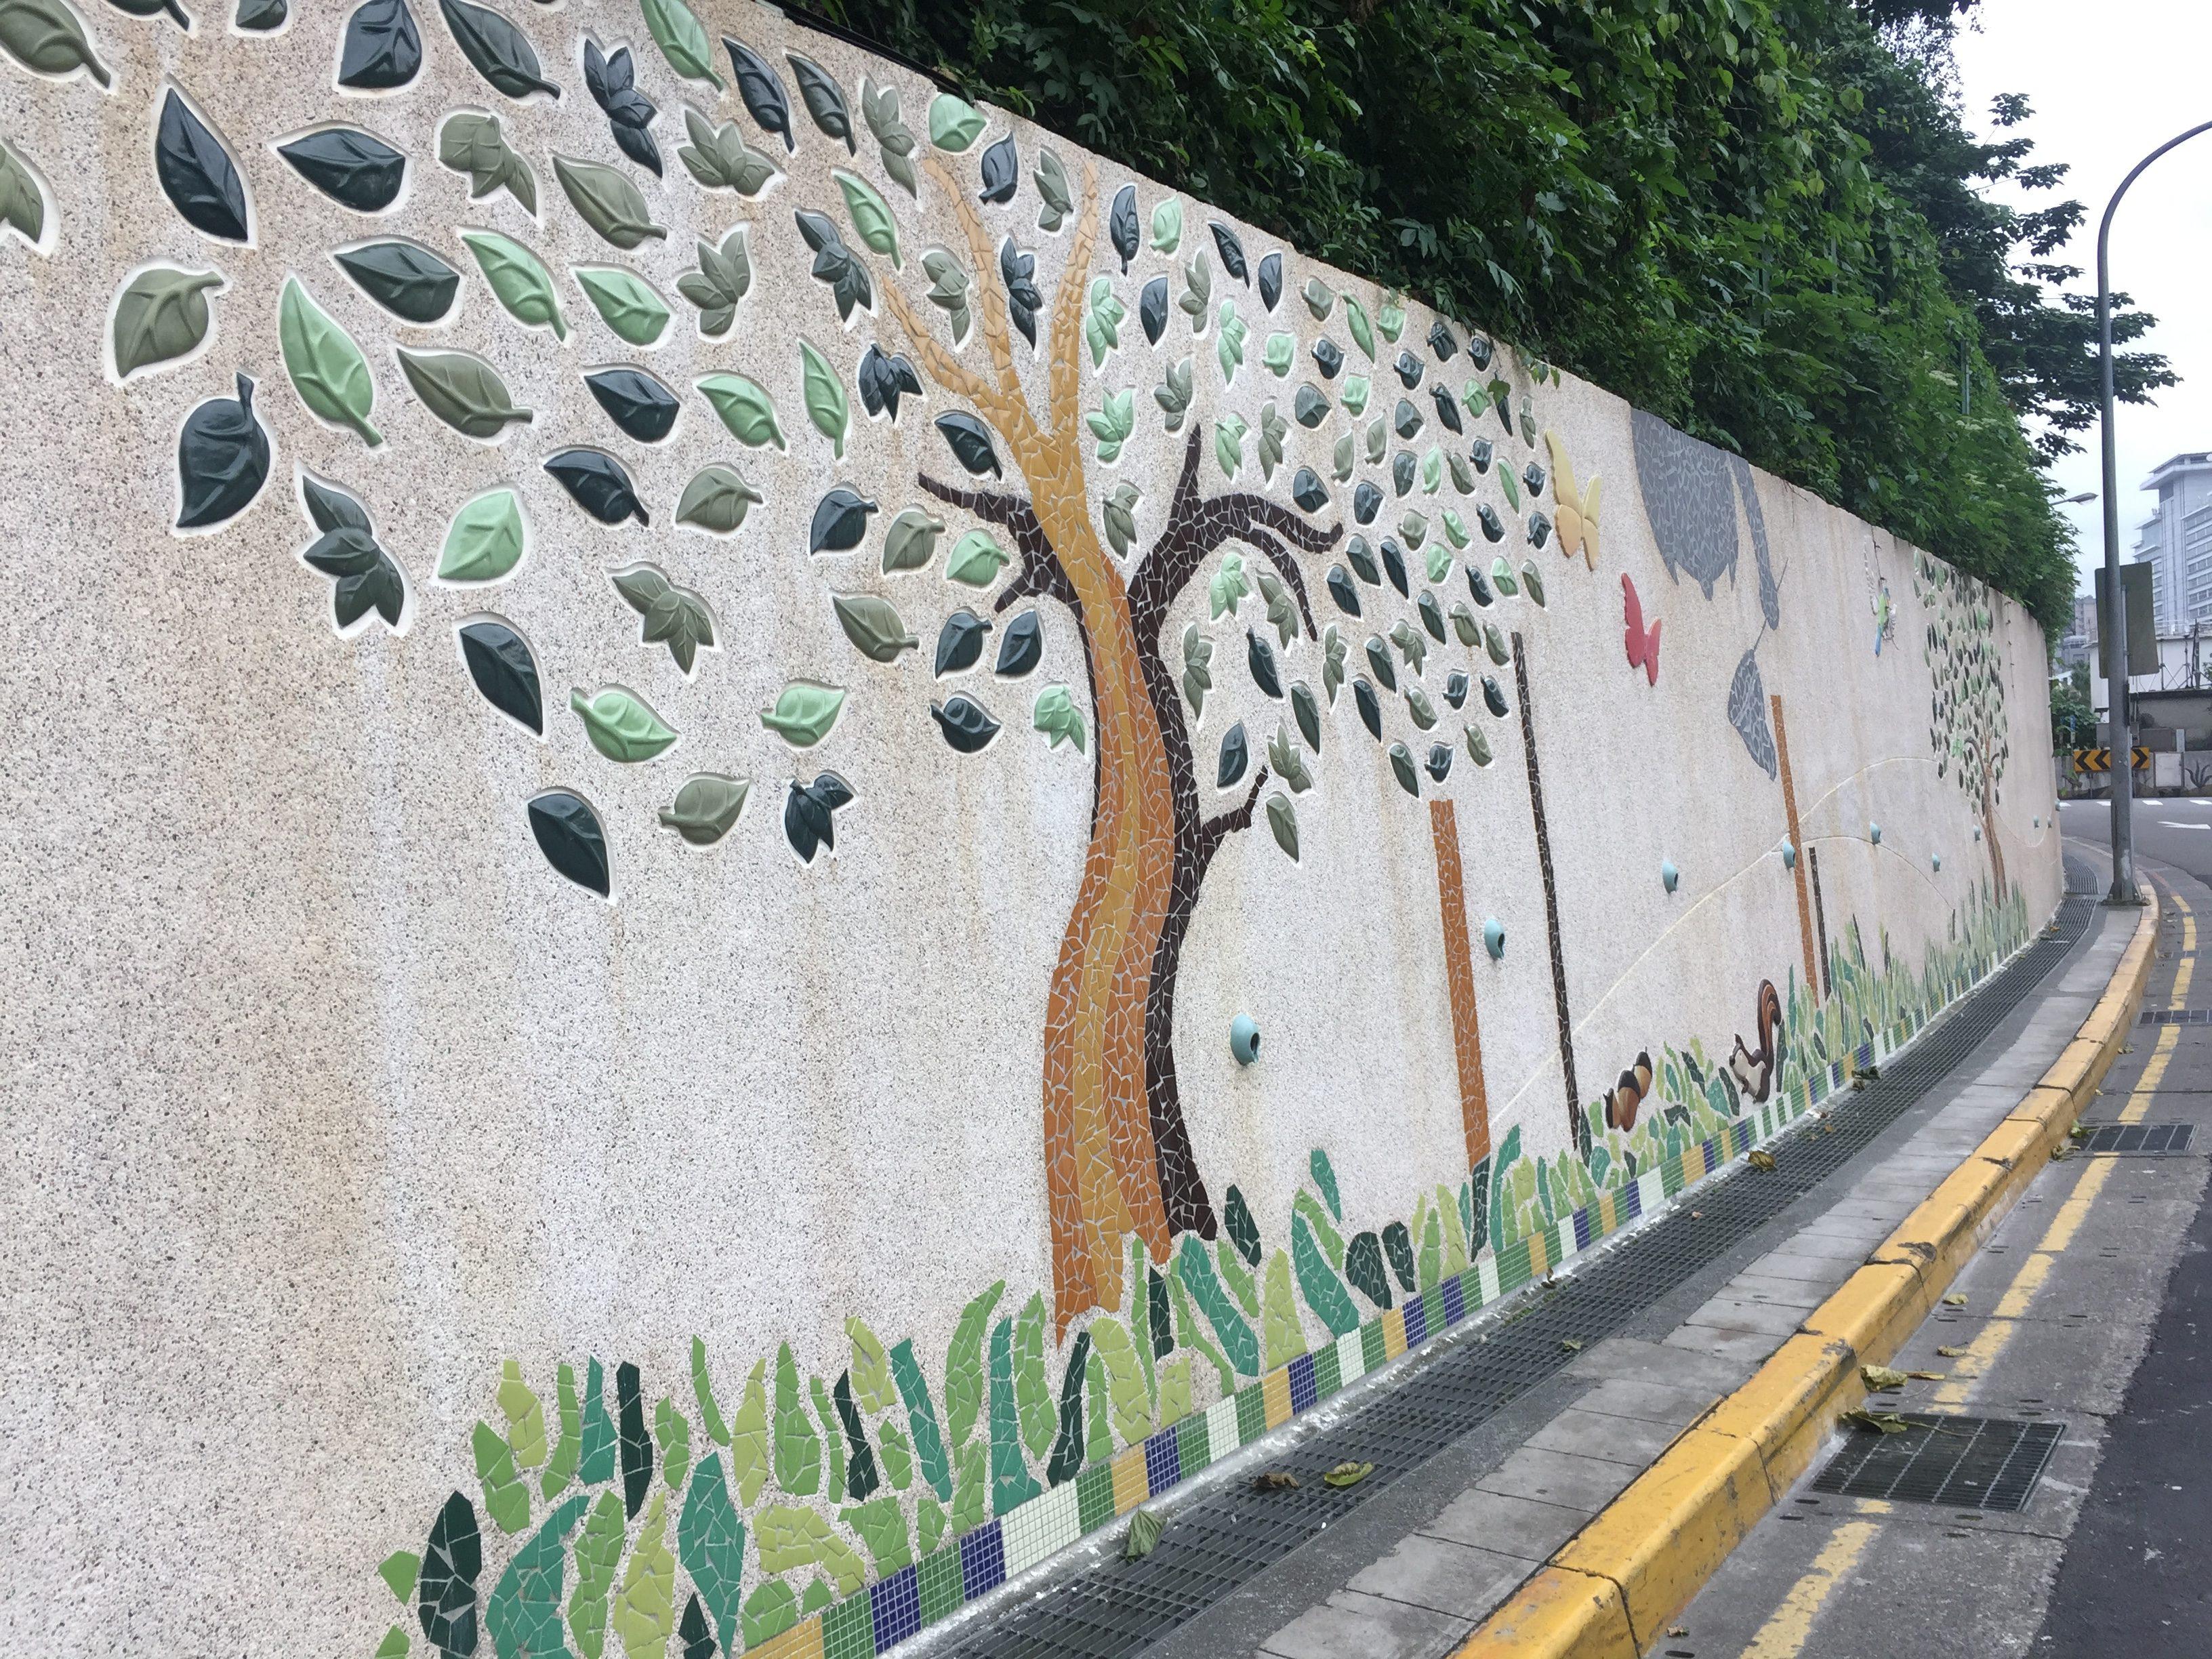 擋土牆美化結合仙跡岩的景觀,融入當地的民俗風情。攝影/孔祥智